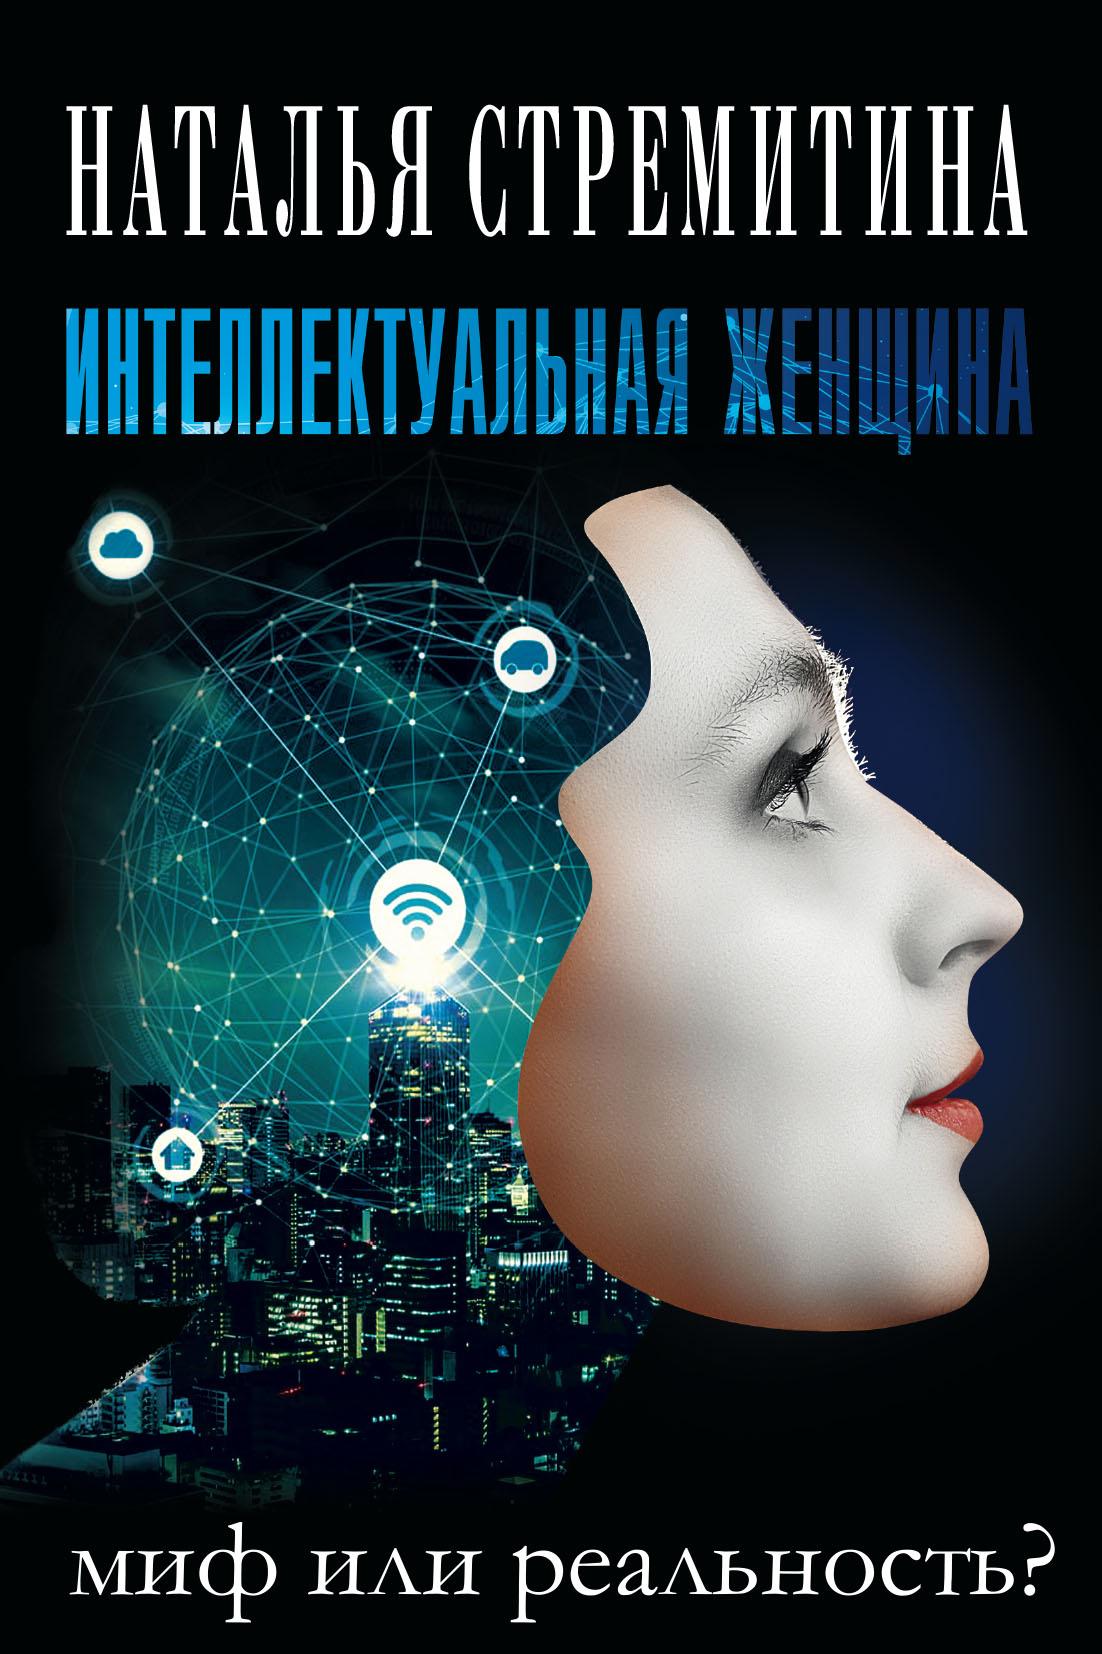 Интеллектуальная женщина – миф или реальность?